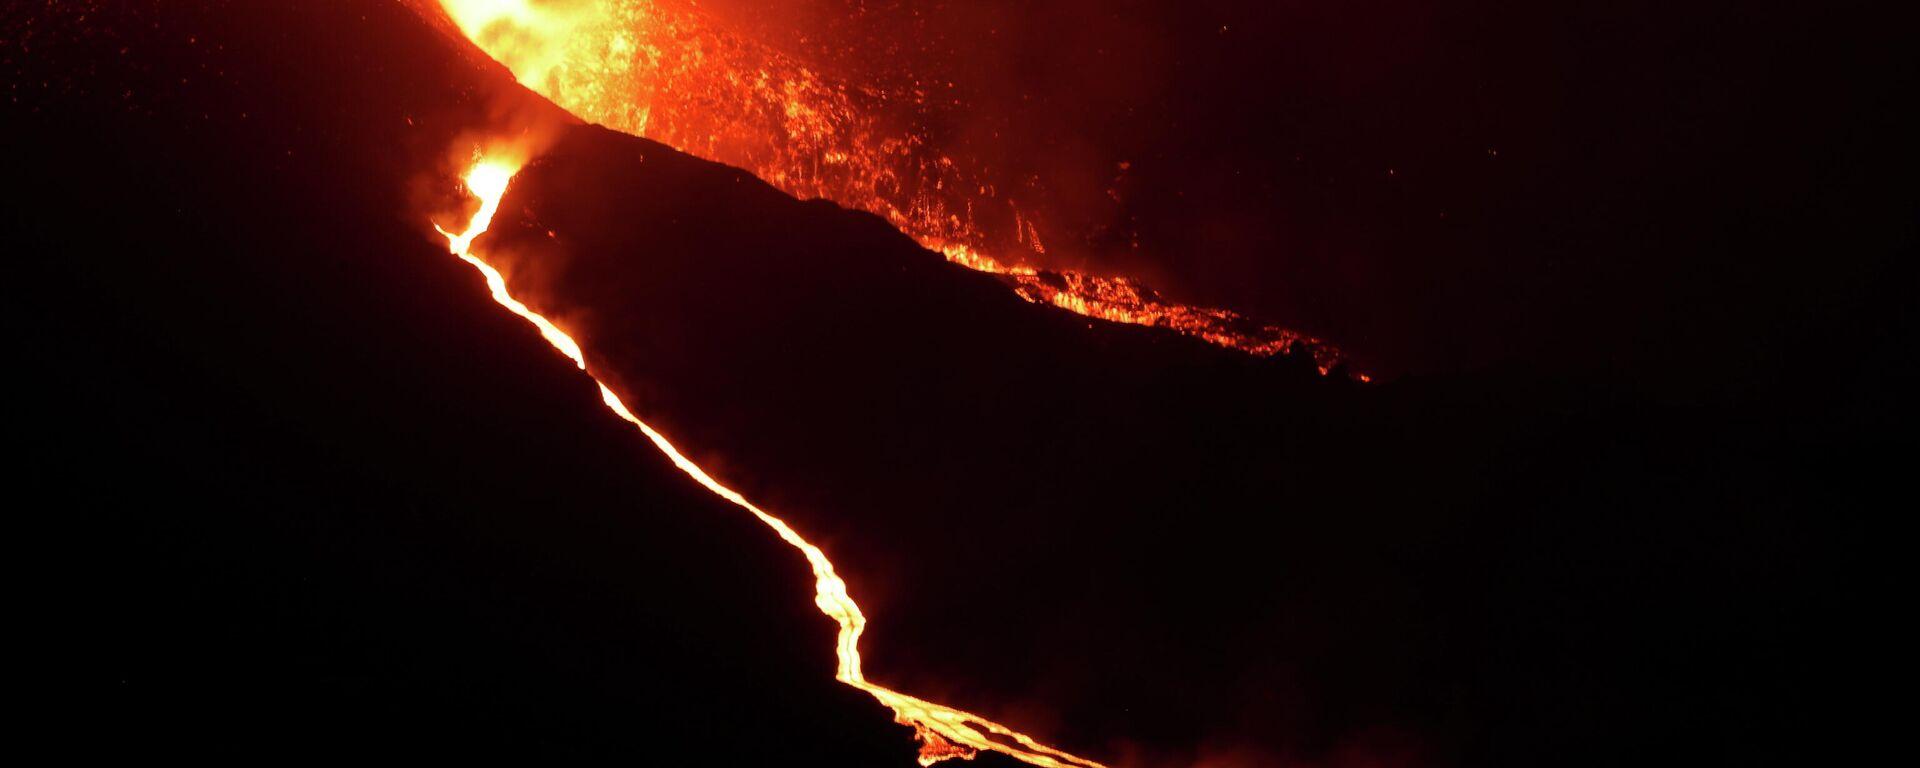 La erupción del volcán en La Palma - Sputnik Mundo, 1920, 26.09.2021